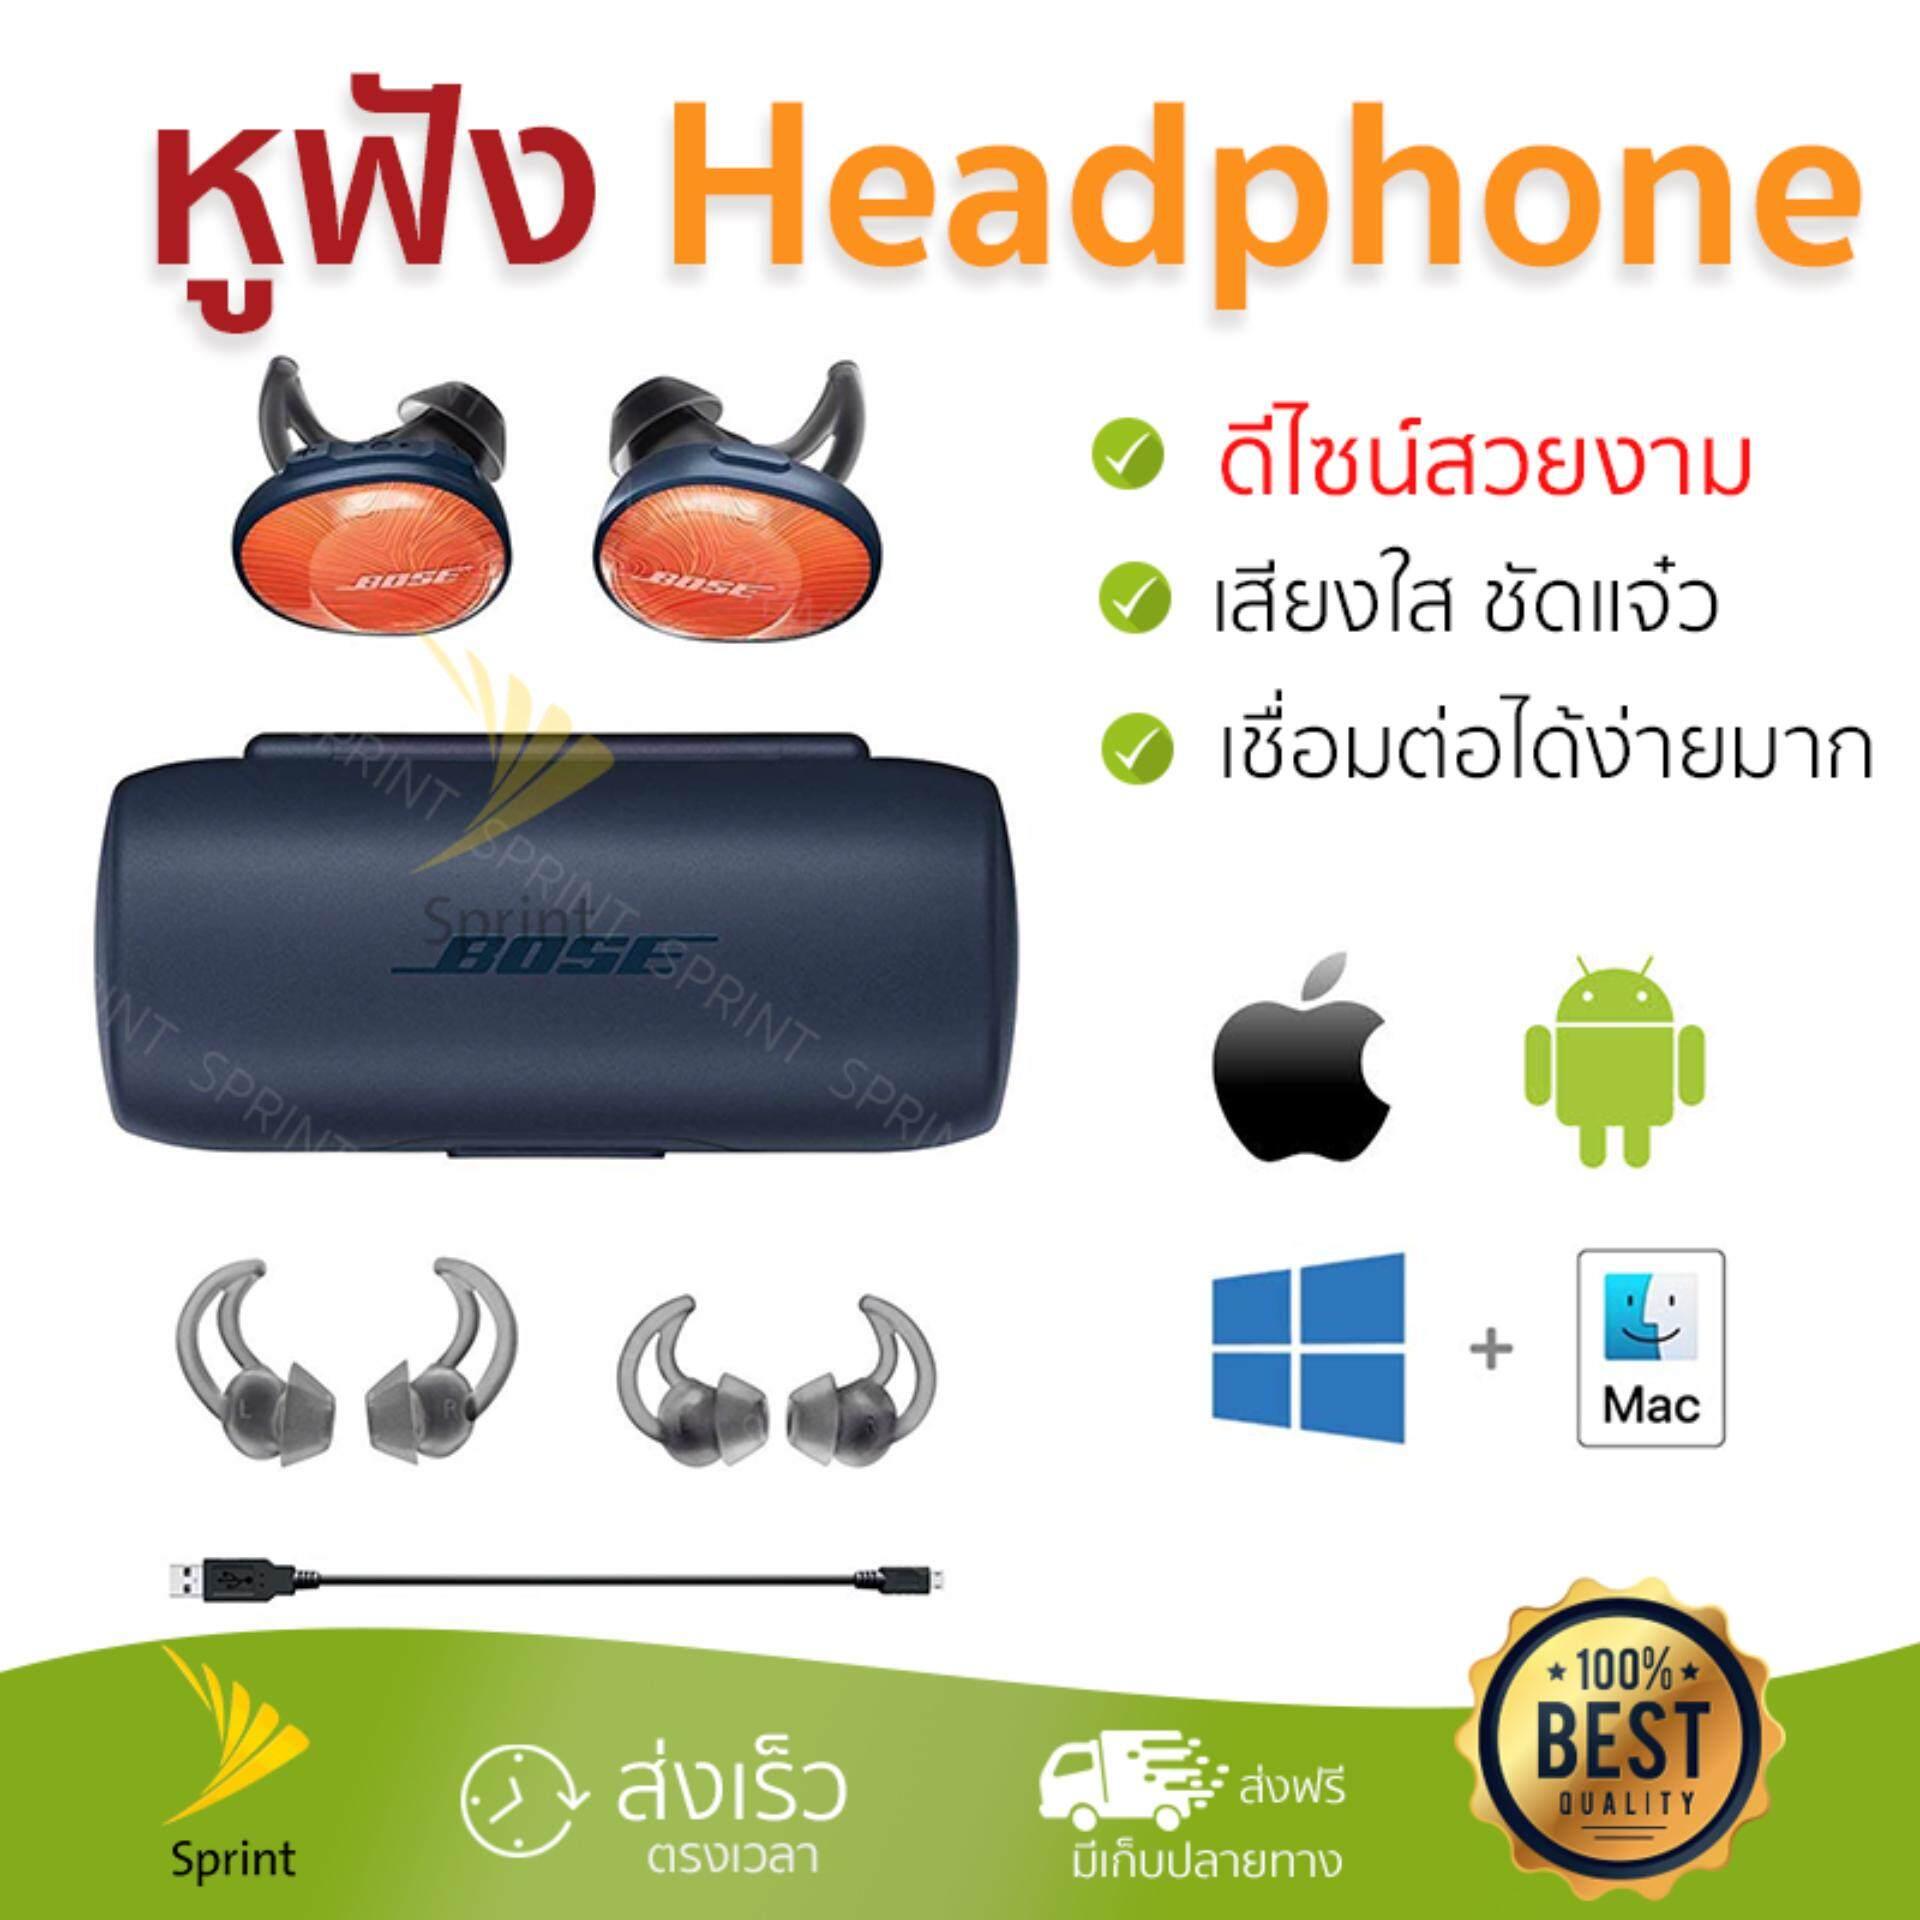 นครพนม ของแท้ หูฟัง Bose SoundSport Free Wireless Headphones Orange เบสหนัก เสียงใส คุณภาพเกินตัว Headphone รับประกัน 1 ปี จัดส่งฟรีทั่วประเทศ